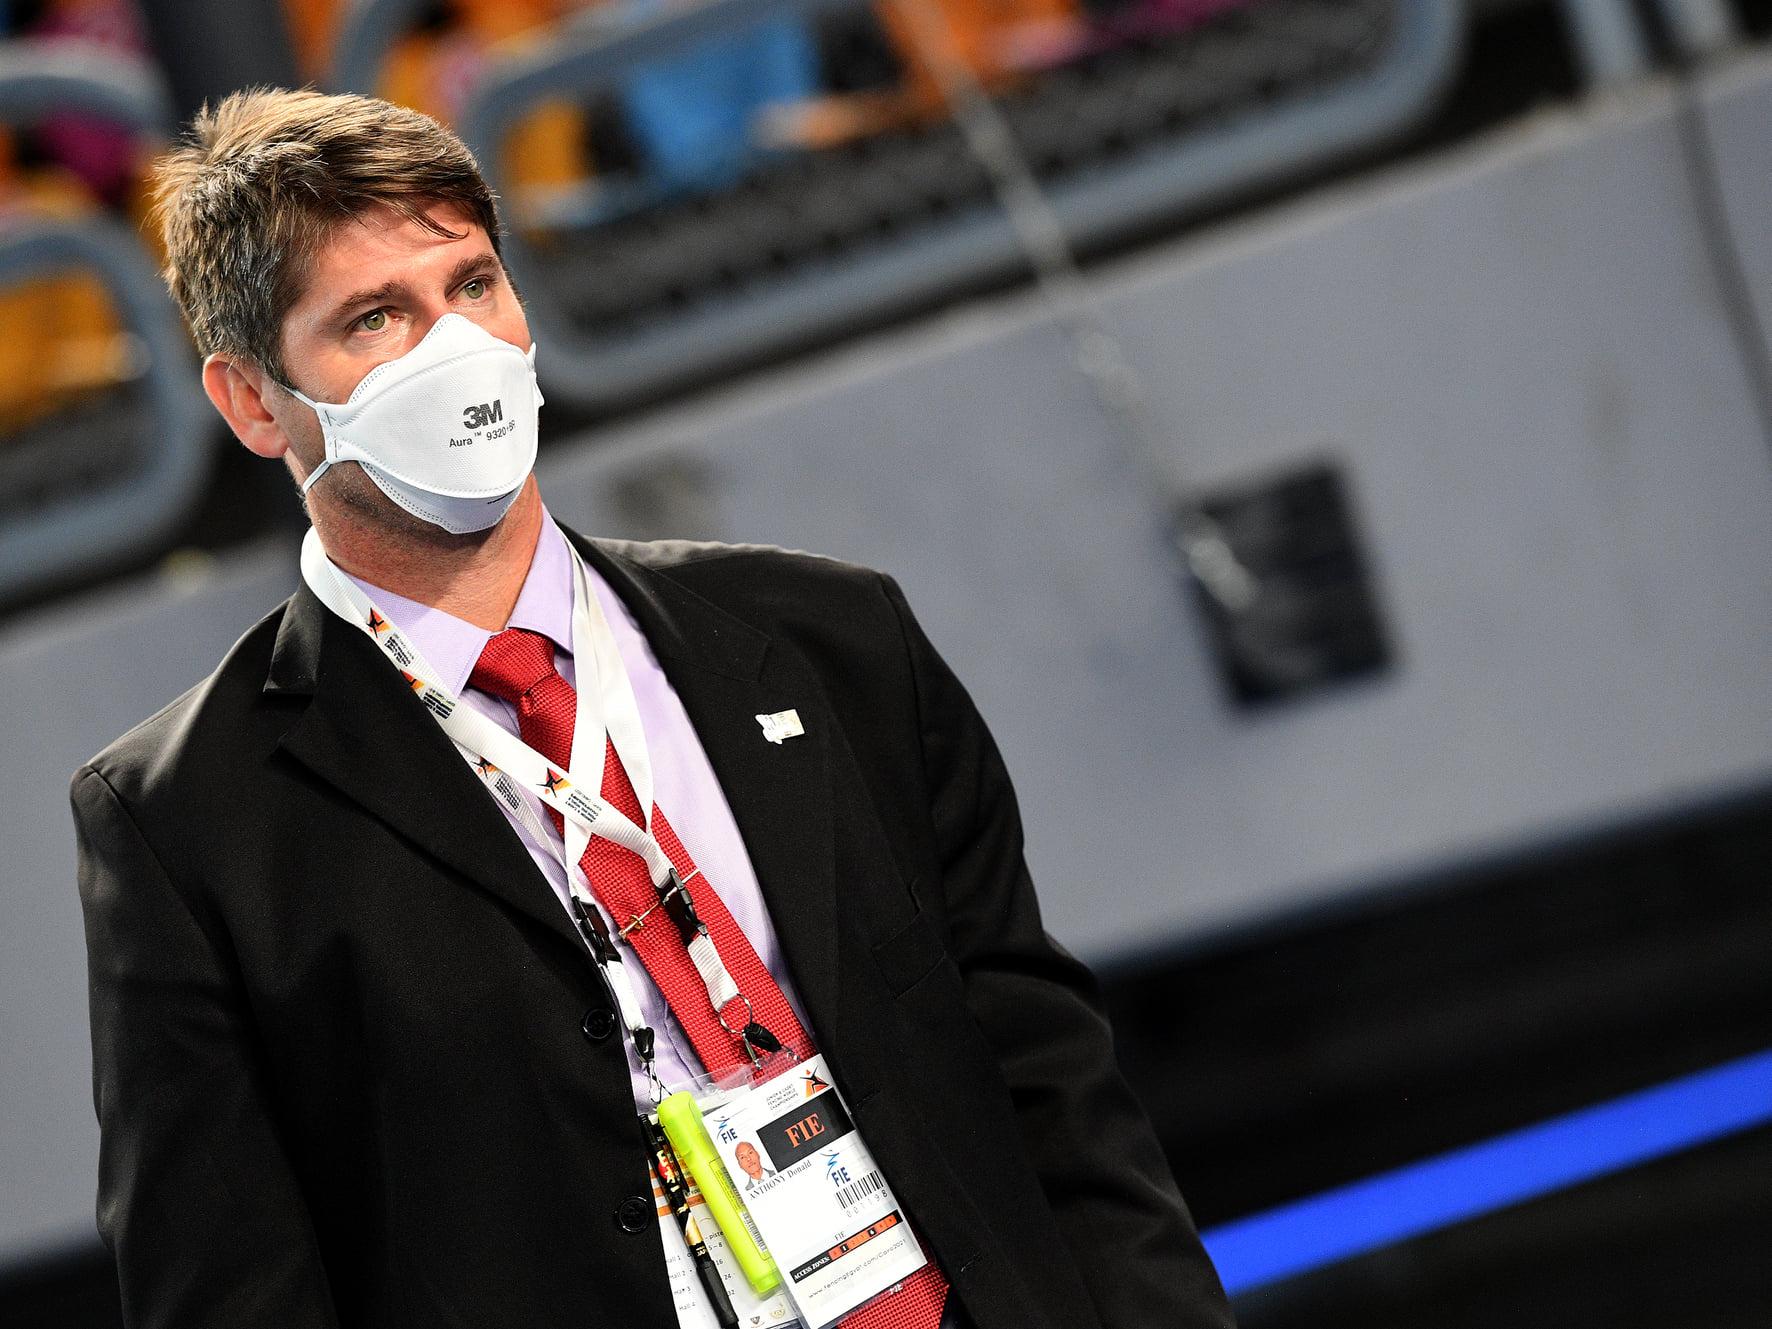 Vice-presidente da CBE fala sobre experiência como diretor de competição e chefe de protocolo nos Jogos Olímpicos de Tóquio